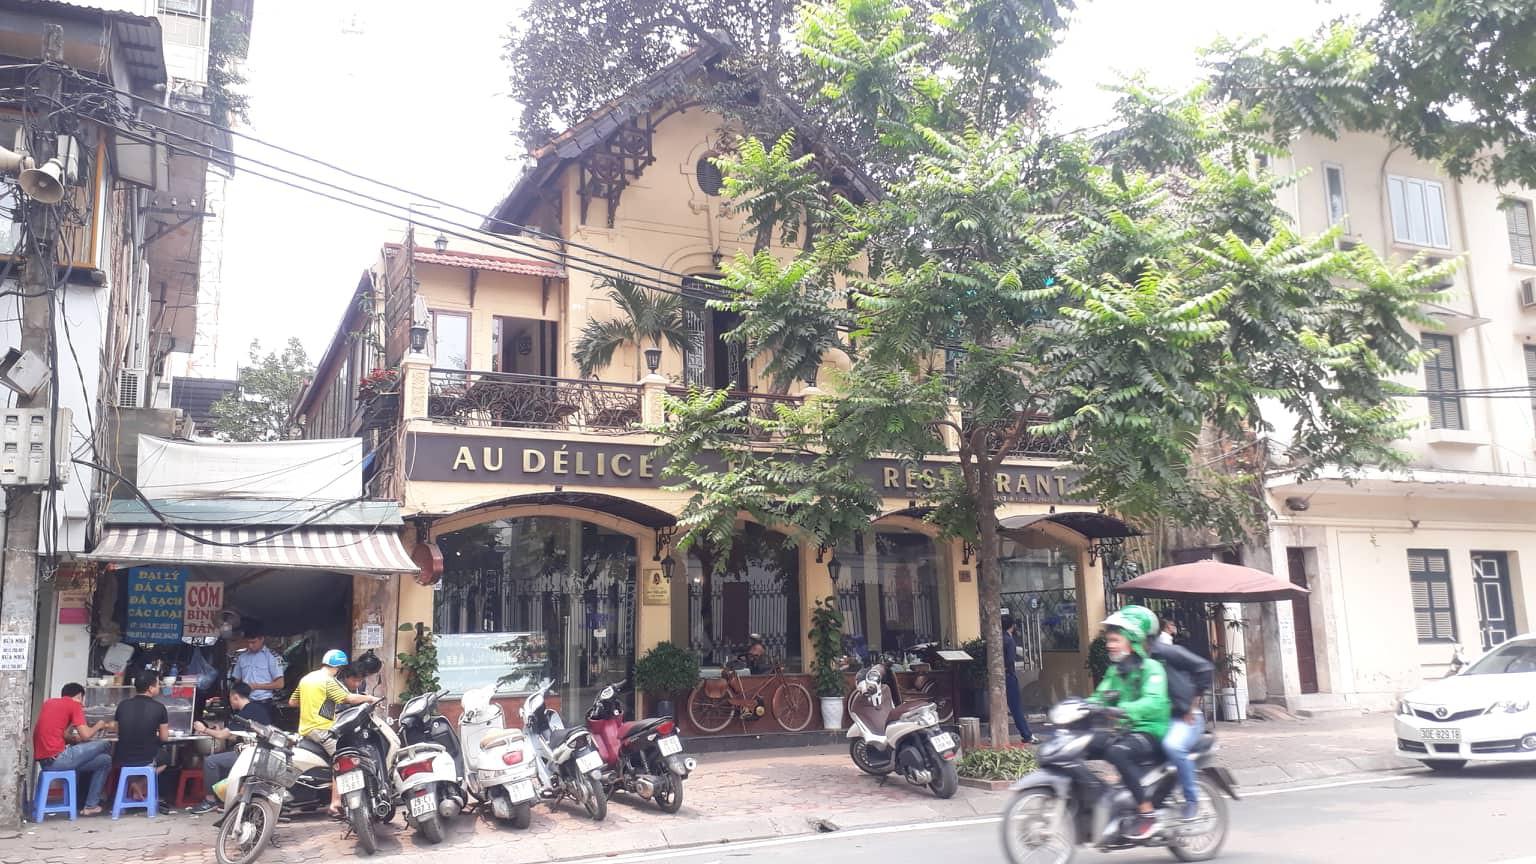 Hà Nội: Nam nhân viên nhà hàng sang trọng nghi sờ ngực và hành hung nữ đồng nghiệp-1